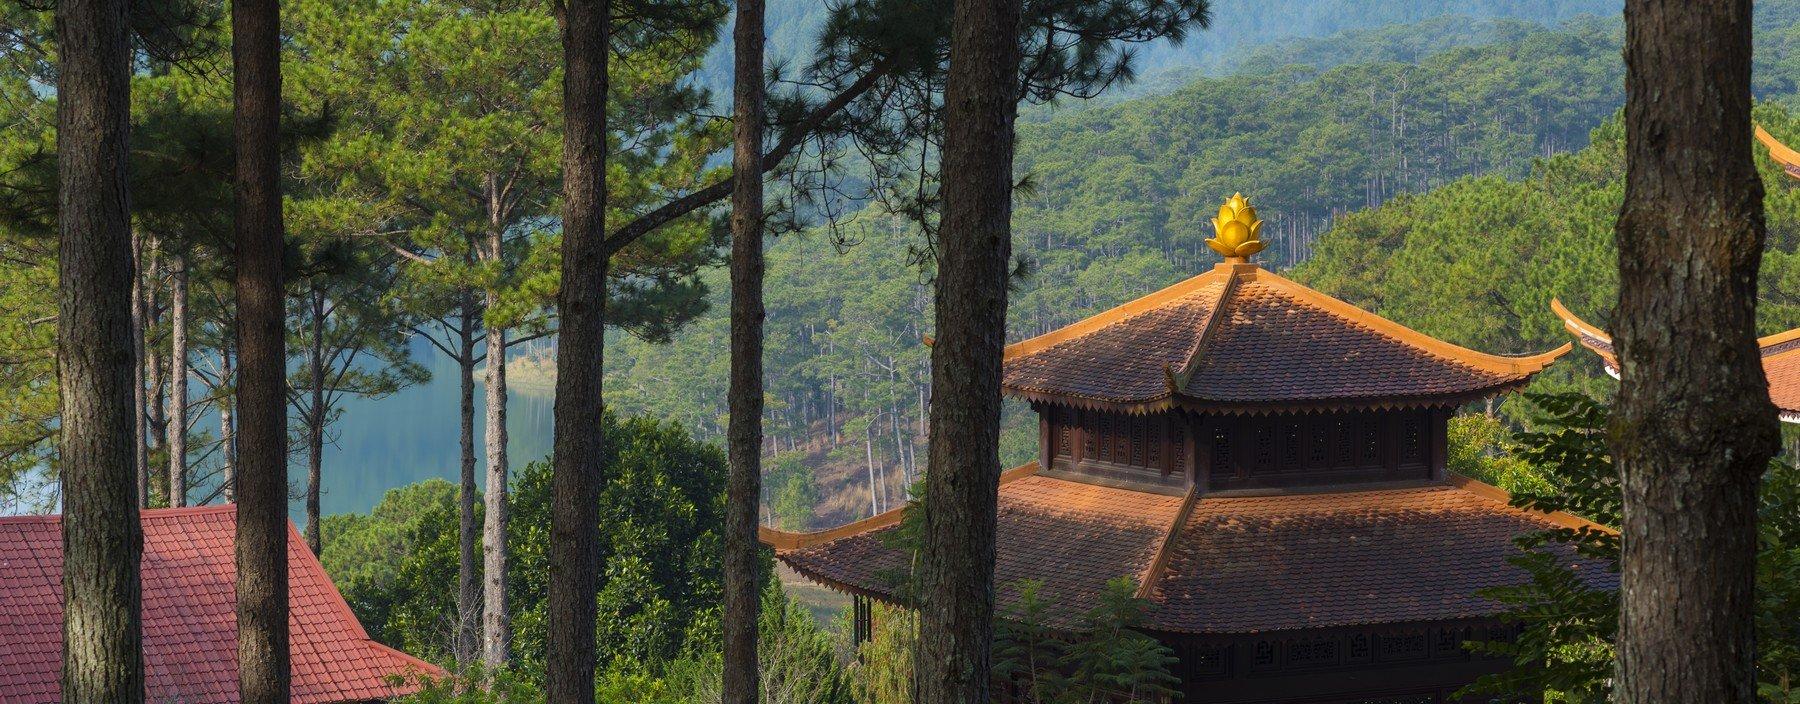 vn, dalat, truc lam pagode (1).jpg